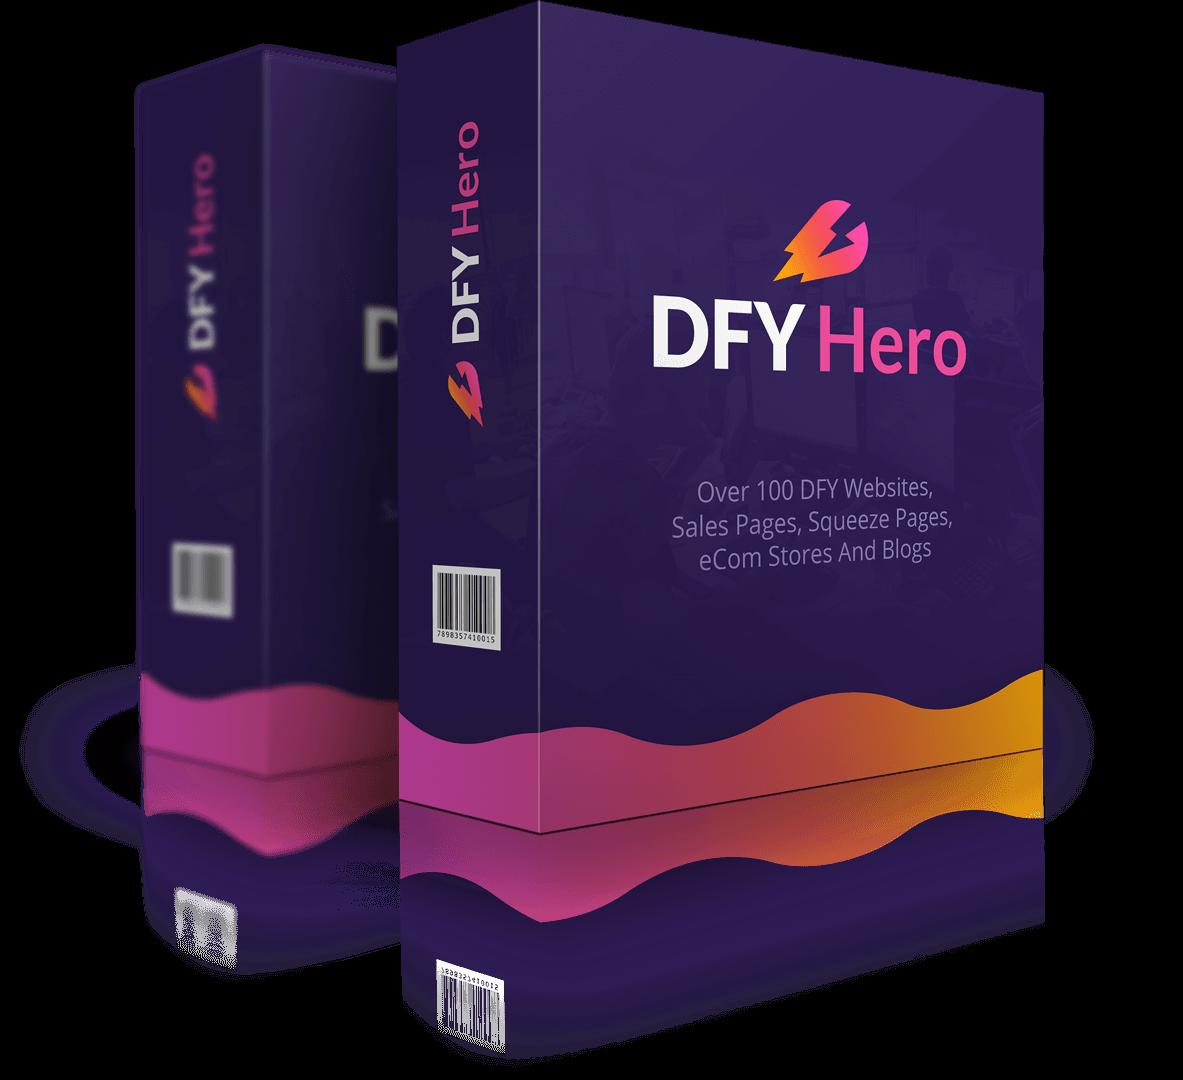 DFY-Hero-Review